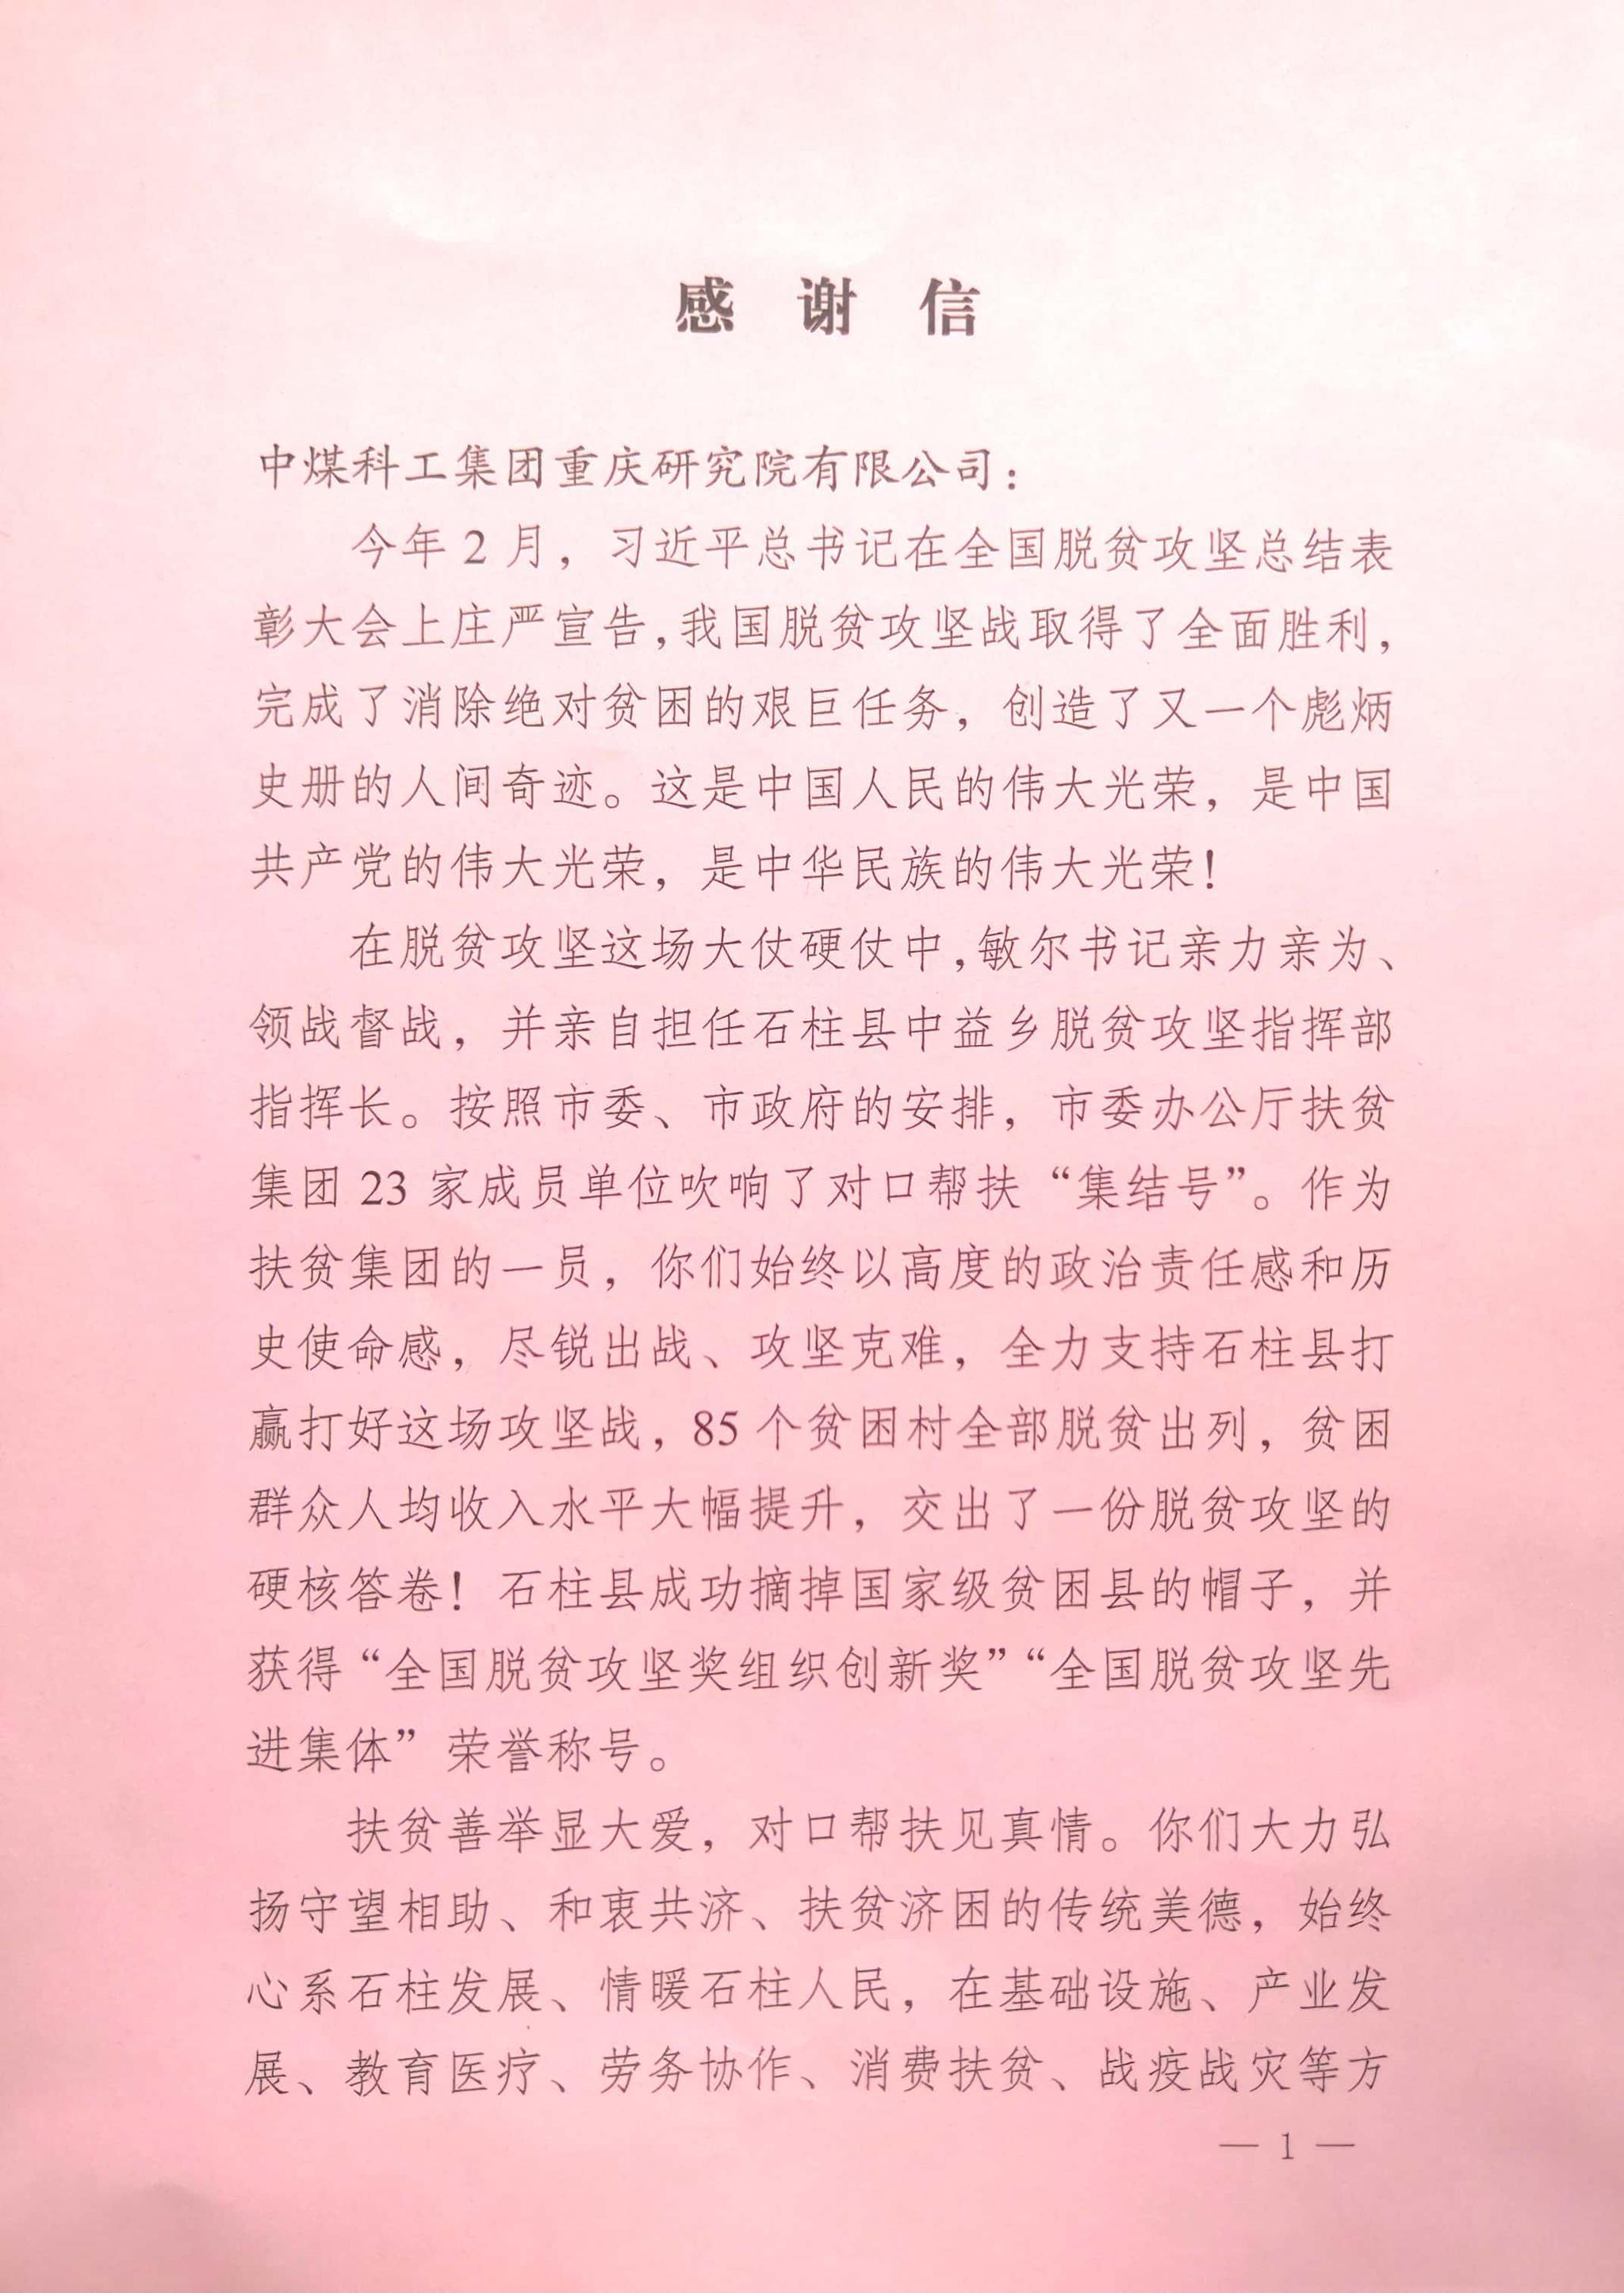 重庆市委办公厅就石柱县对口扶贫工作向中国煤科重庆研究院发来感谢信